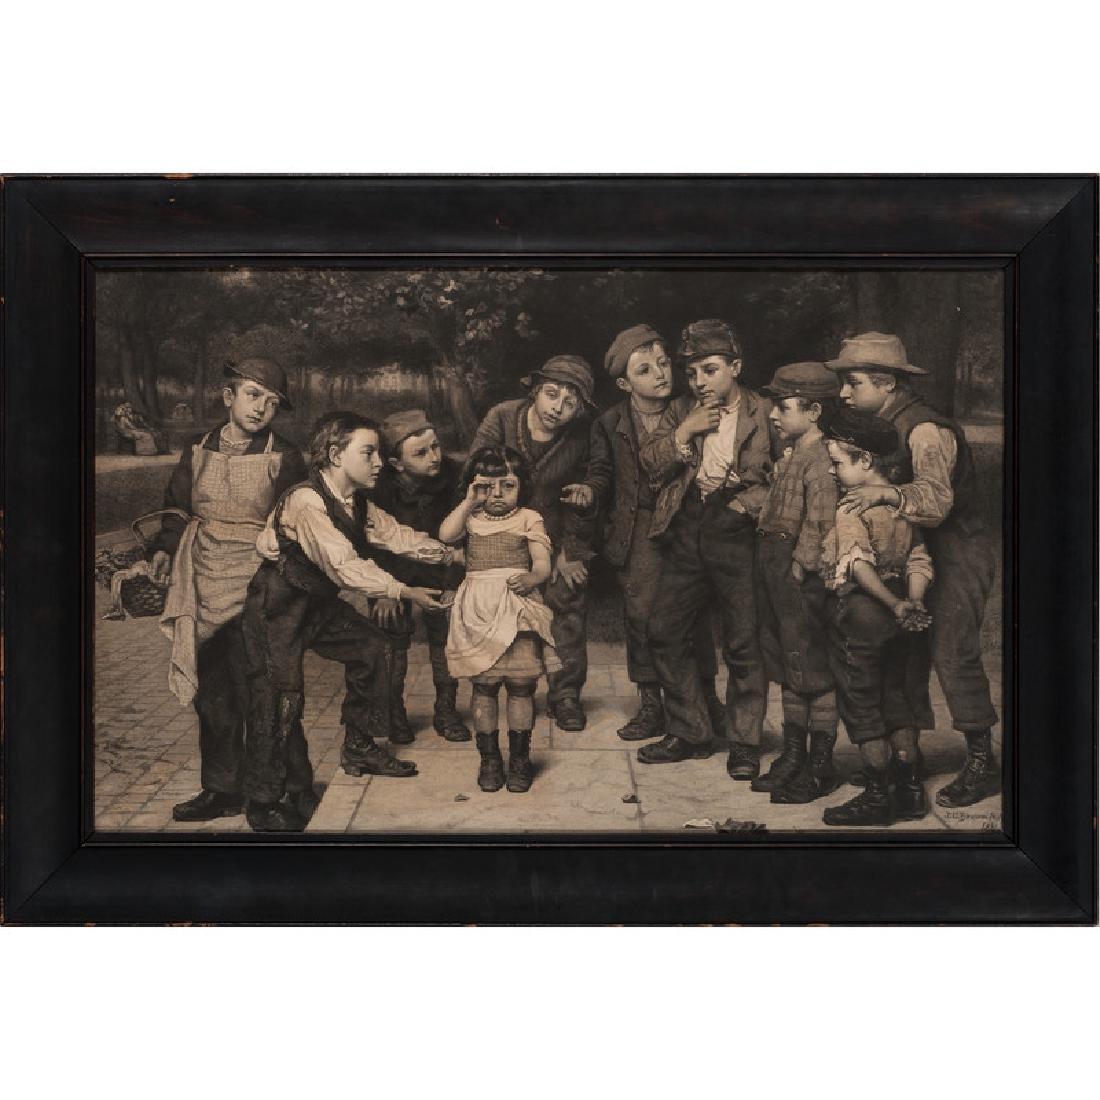 John George Brown Engraving, Little Girl Lost